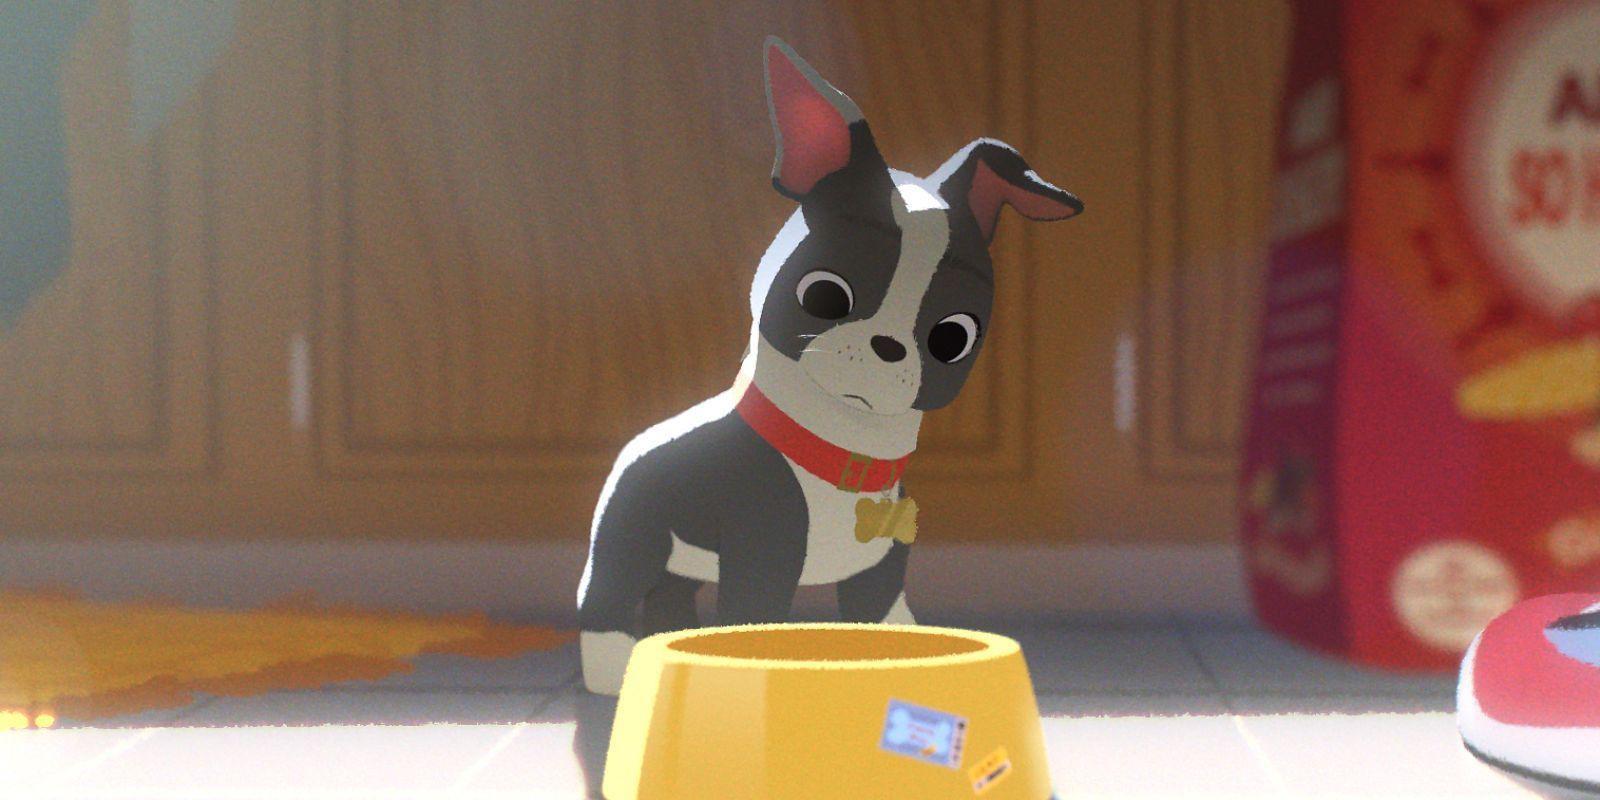 8 phim hoạt hình ngắn xuất sắc dành cho những mọt phim… lười cày phim dài - Ảnh 11.